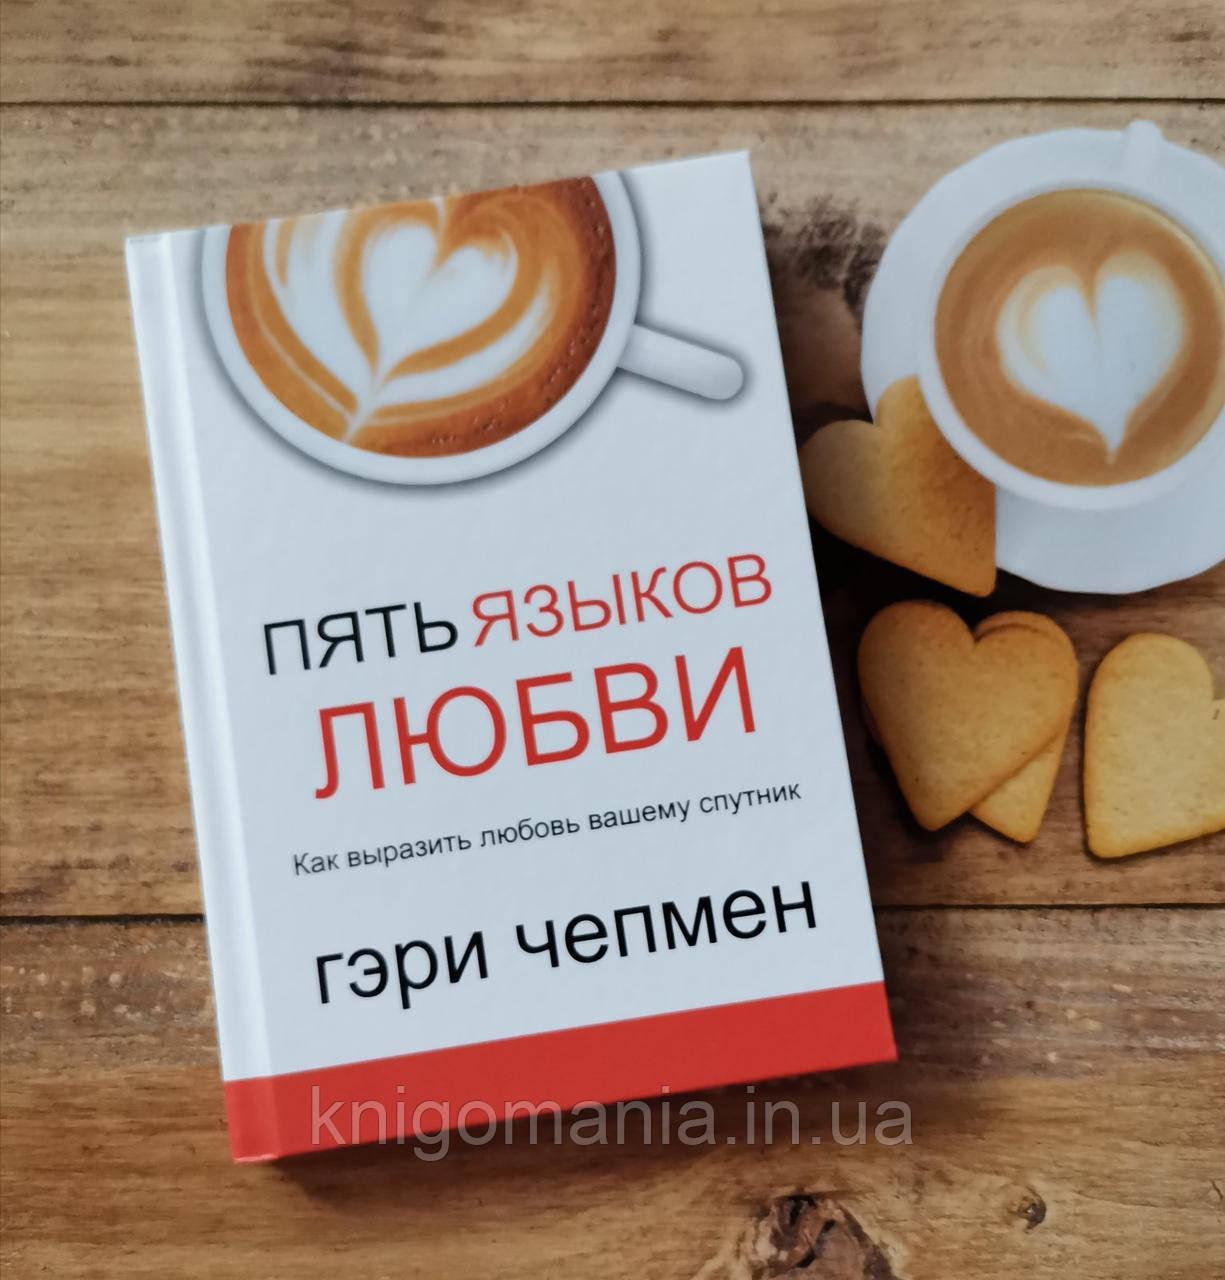 Пять языков любви. Гери Чепмен.